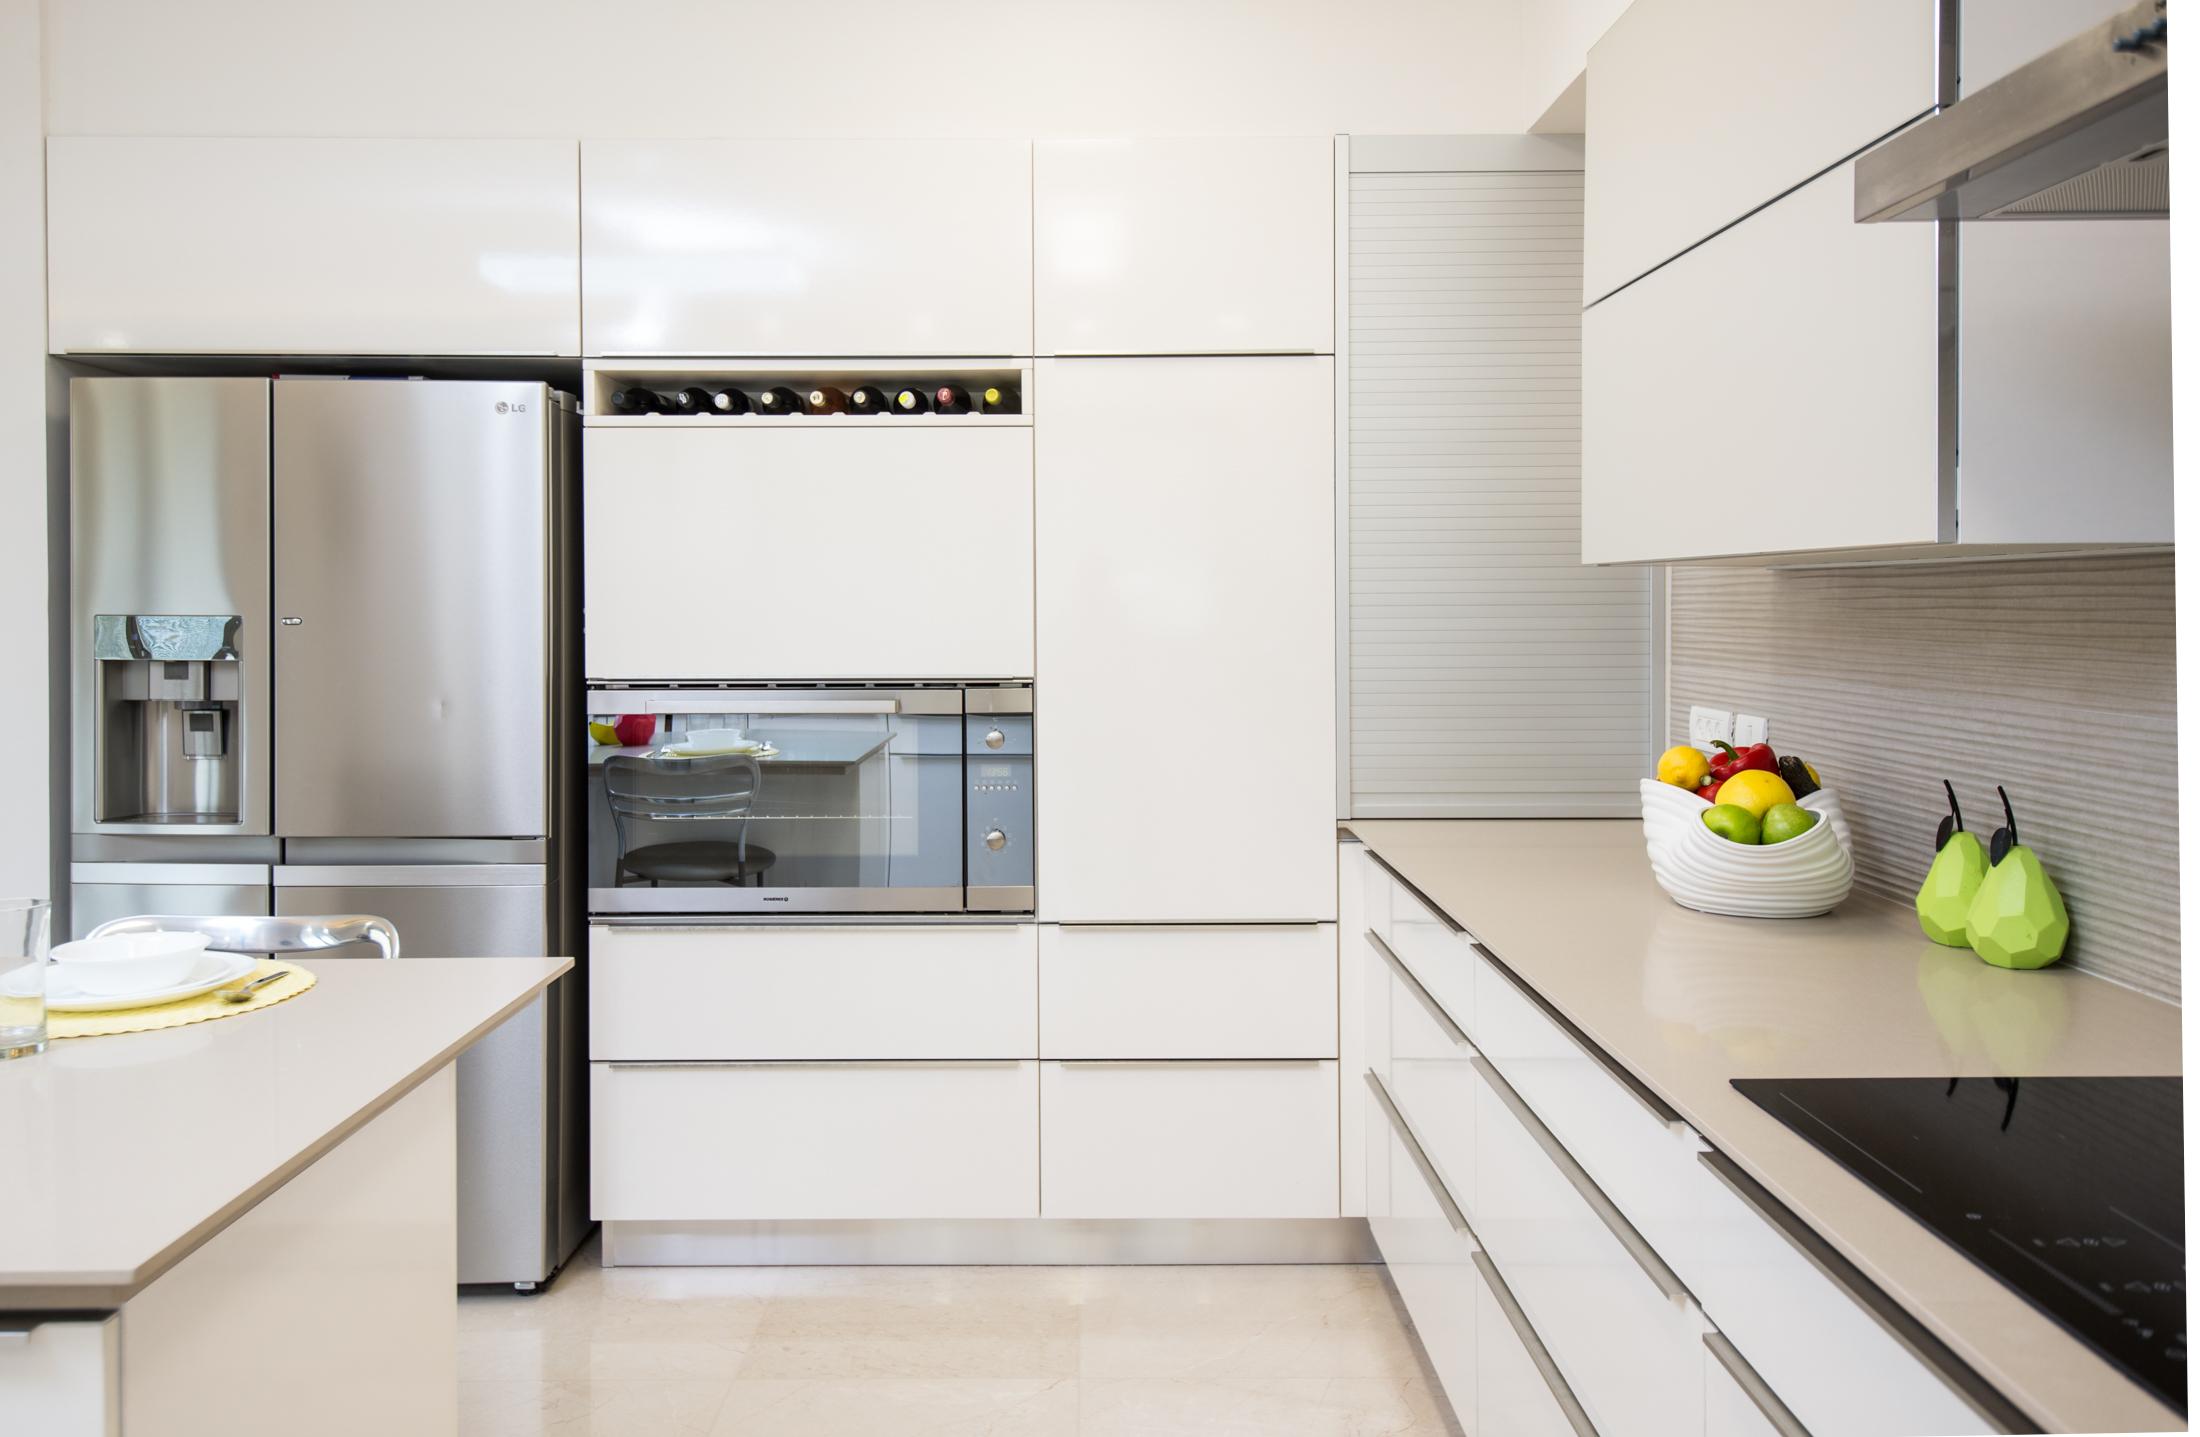 קיר ארונות גבוהים במטבח